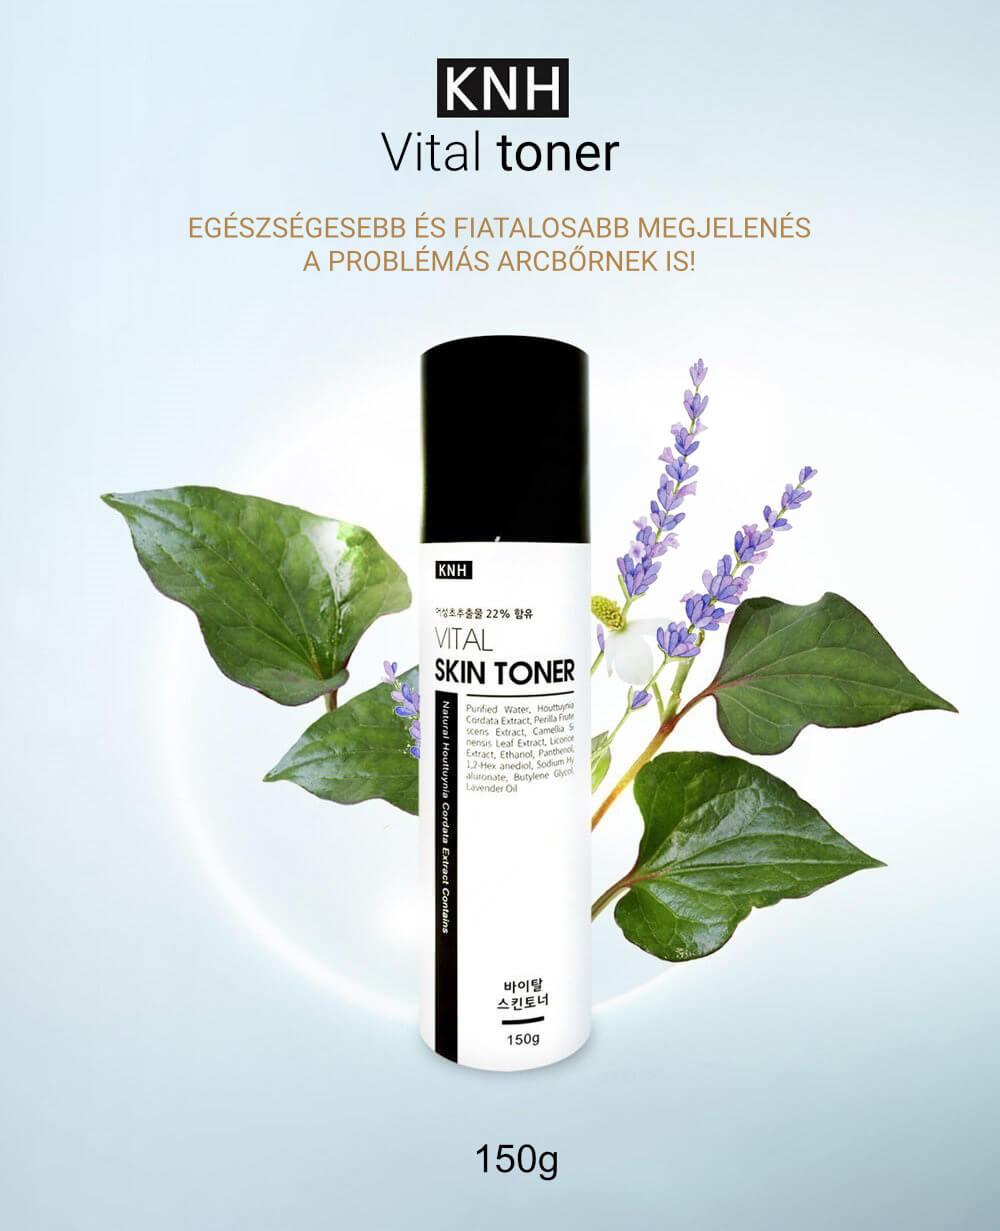 knh-vital-toner